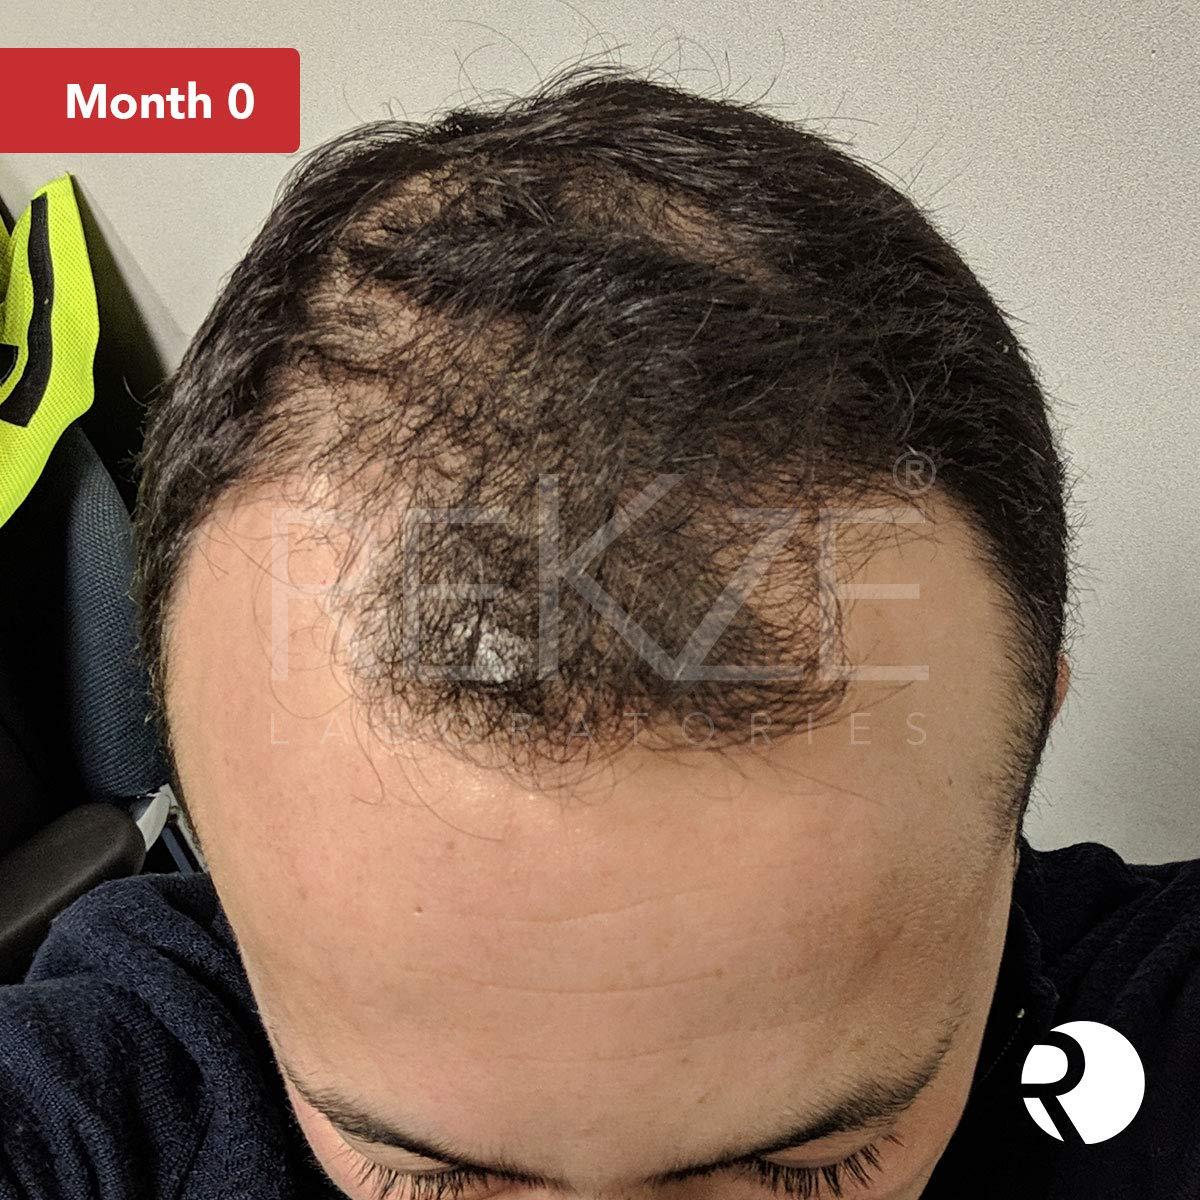 ... promueve el crecimiento rápido del vello en hombres y mujeres, innovador producto de soporte para el rebrote, bloqueador DHT, engrosamiento del cabello, ...